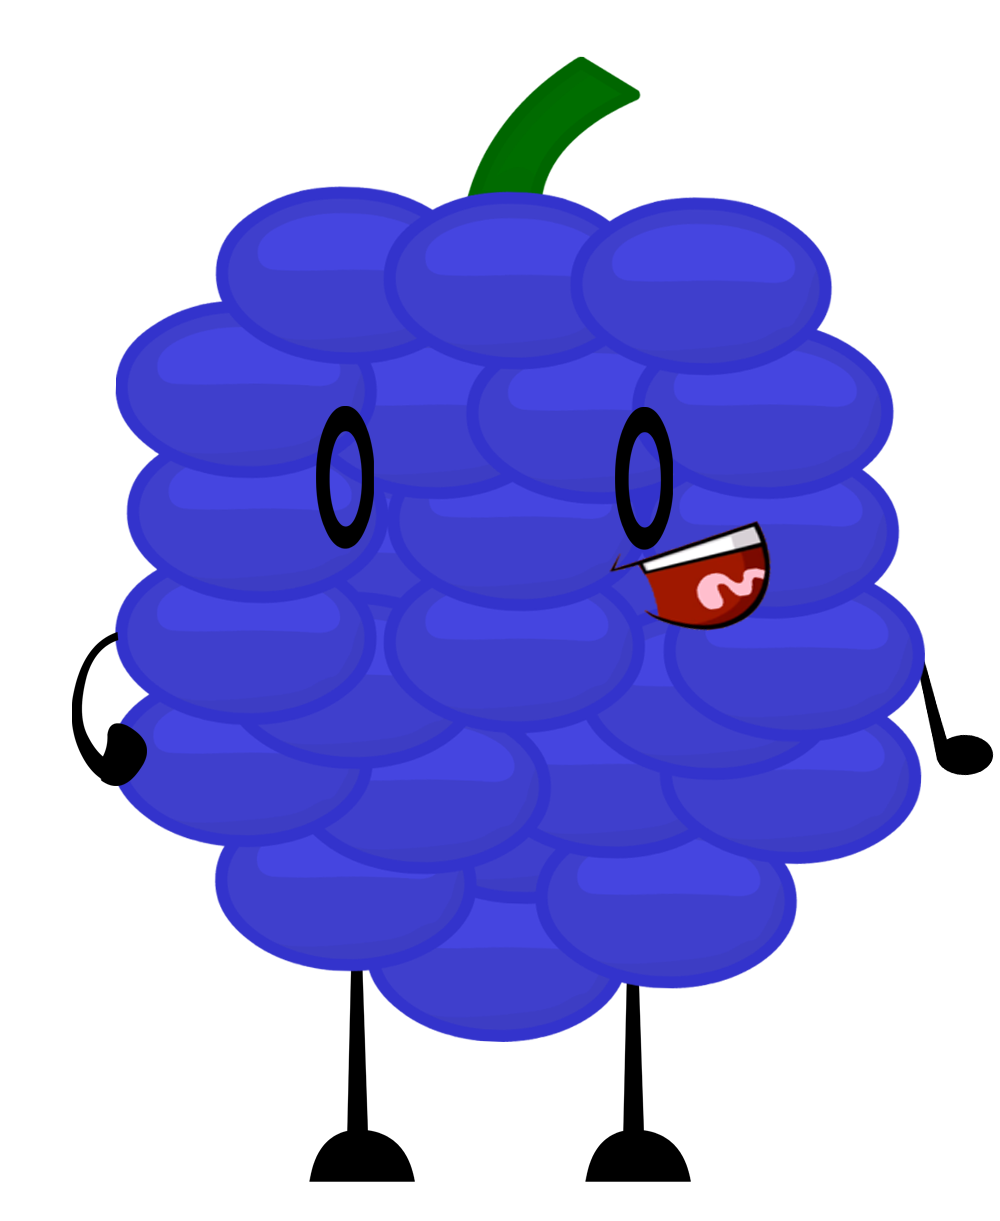 Grape clipart concord grape. Image fan made pose